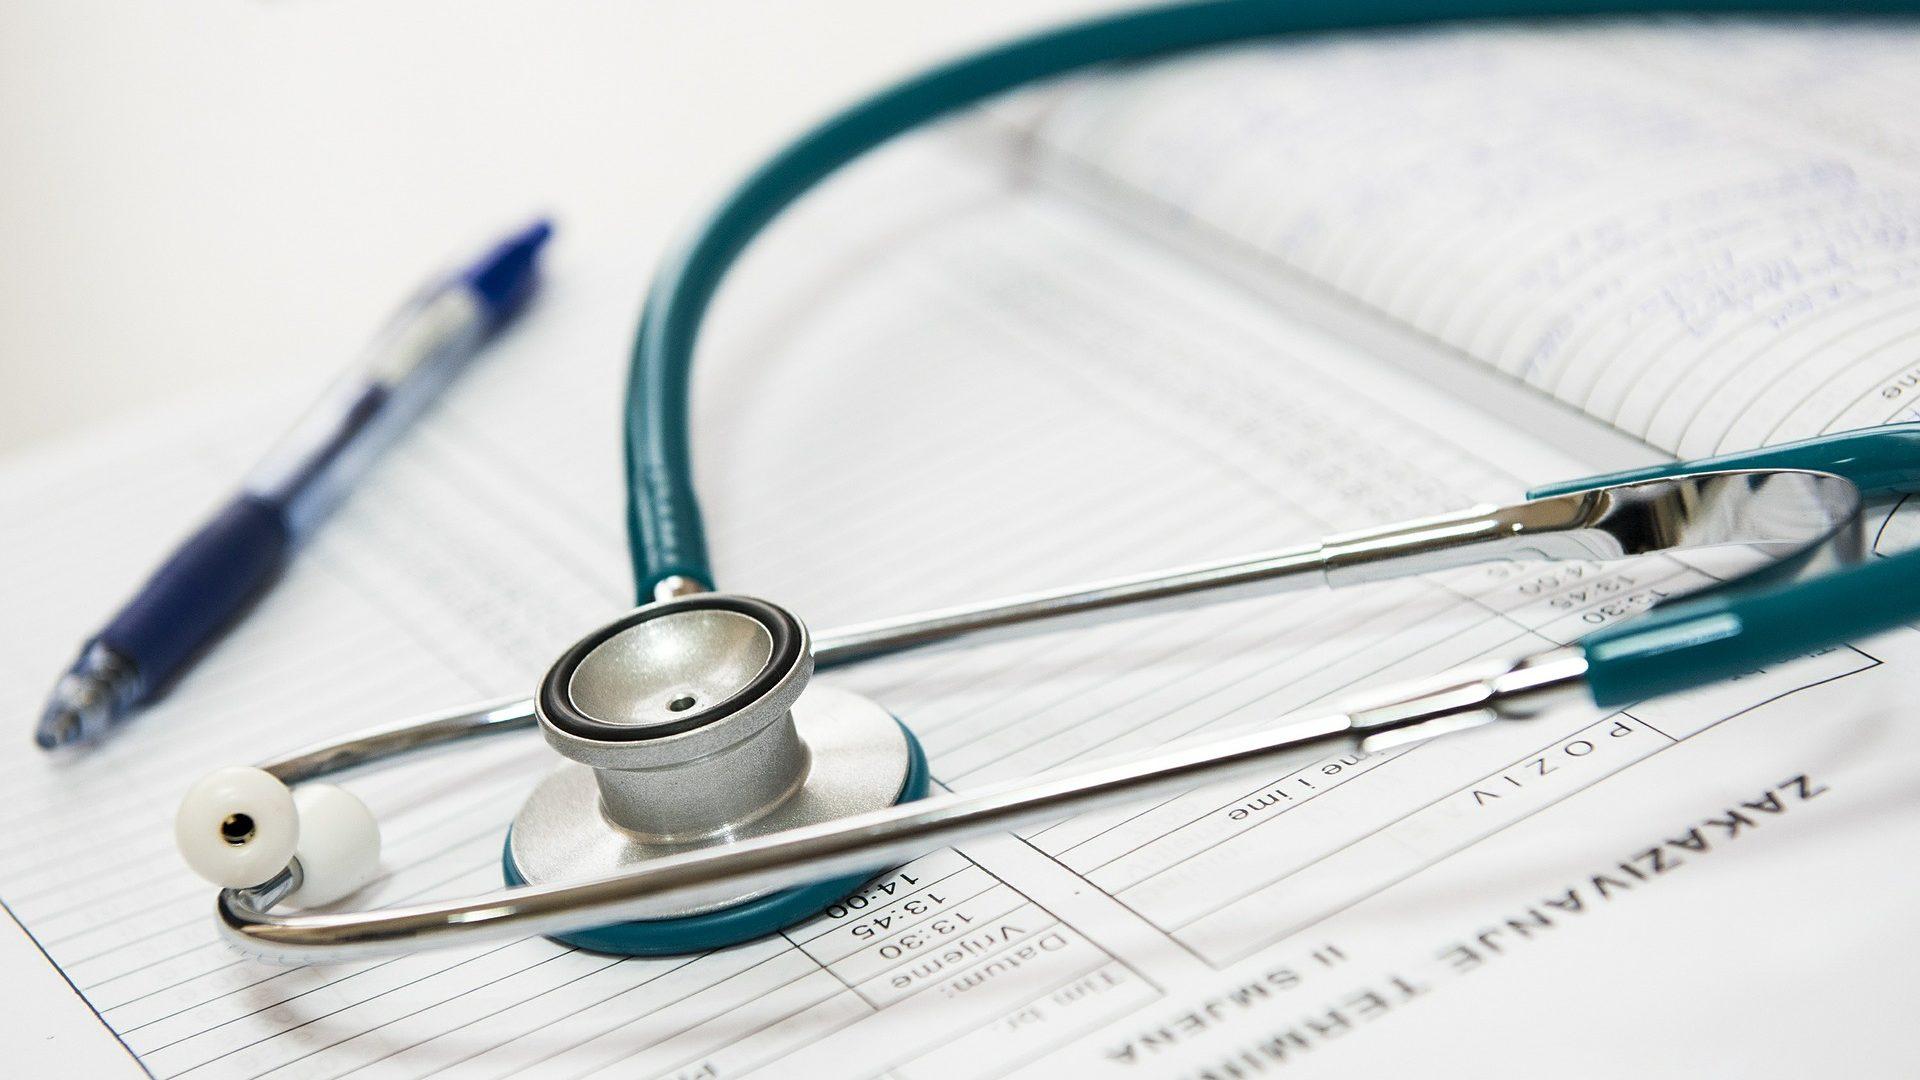 במסגרת הרפורמה: חברות הביטוח מעדכנות את פוליסות הבריאות